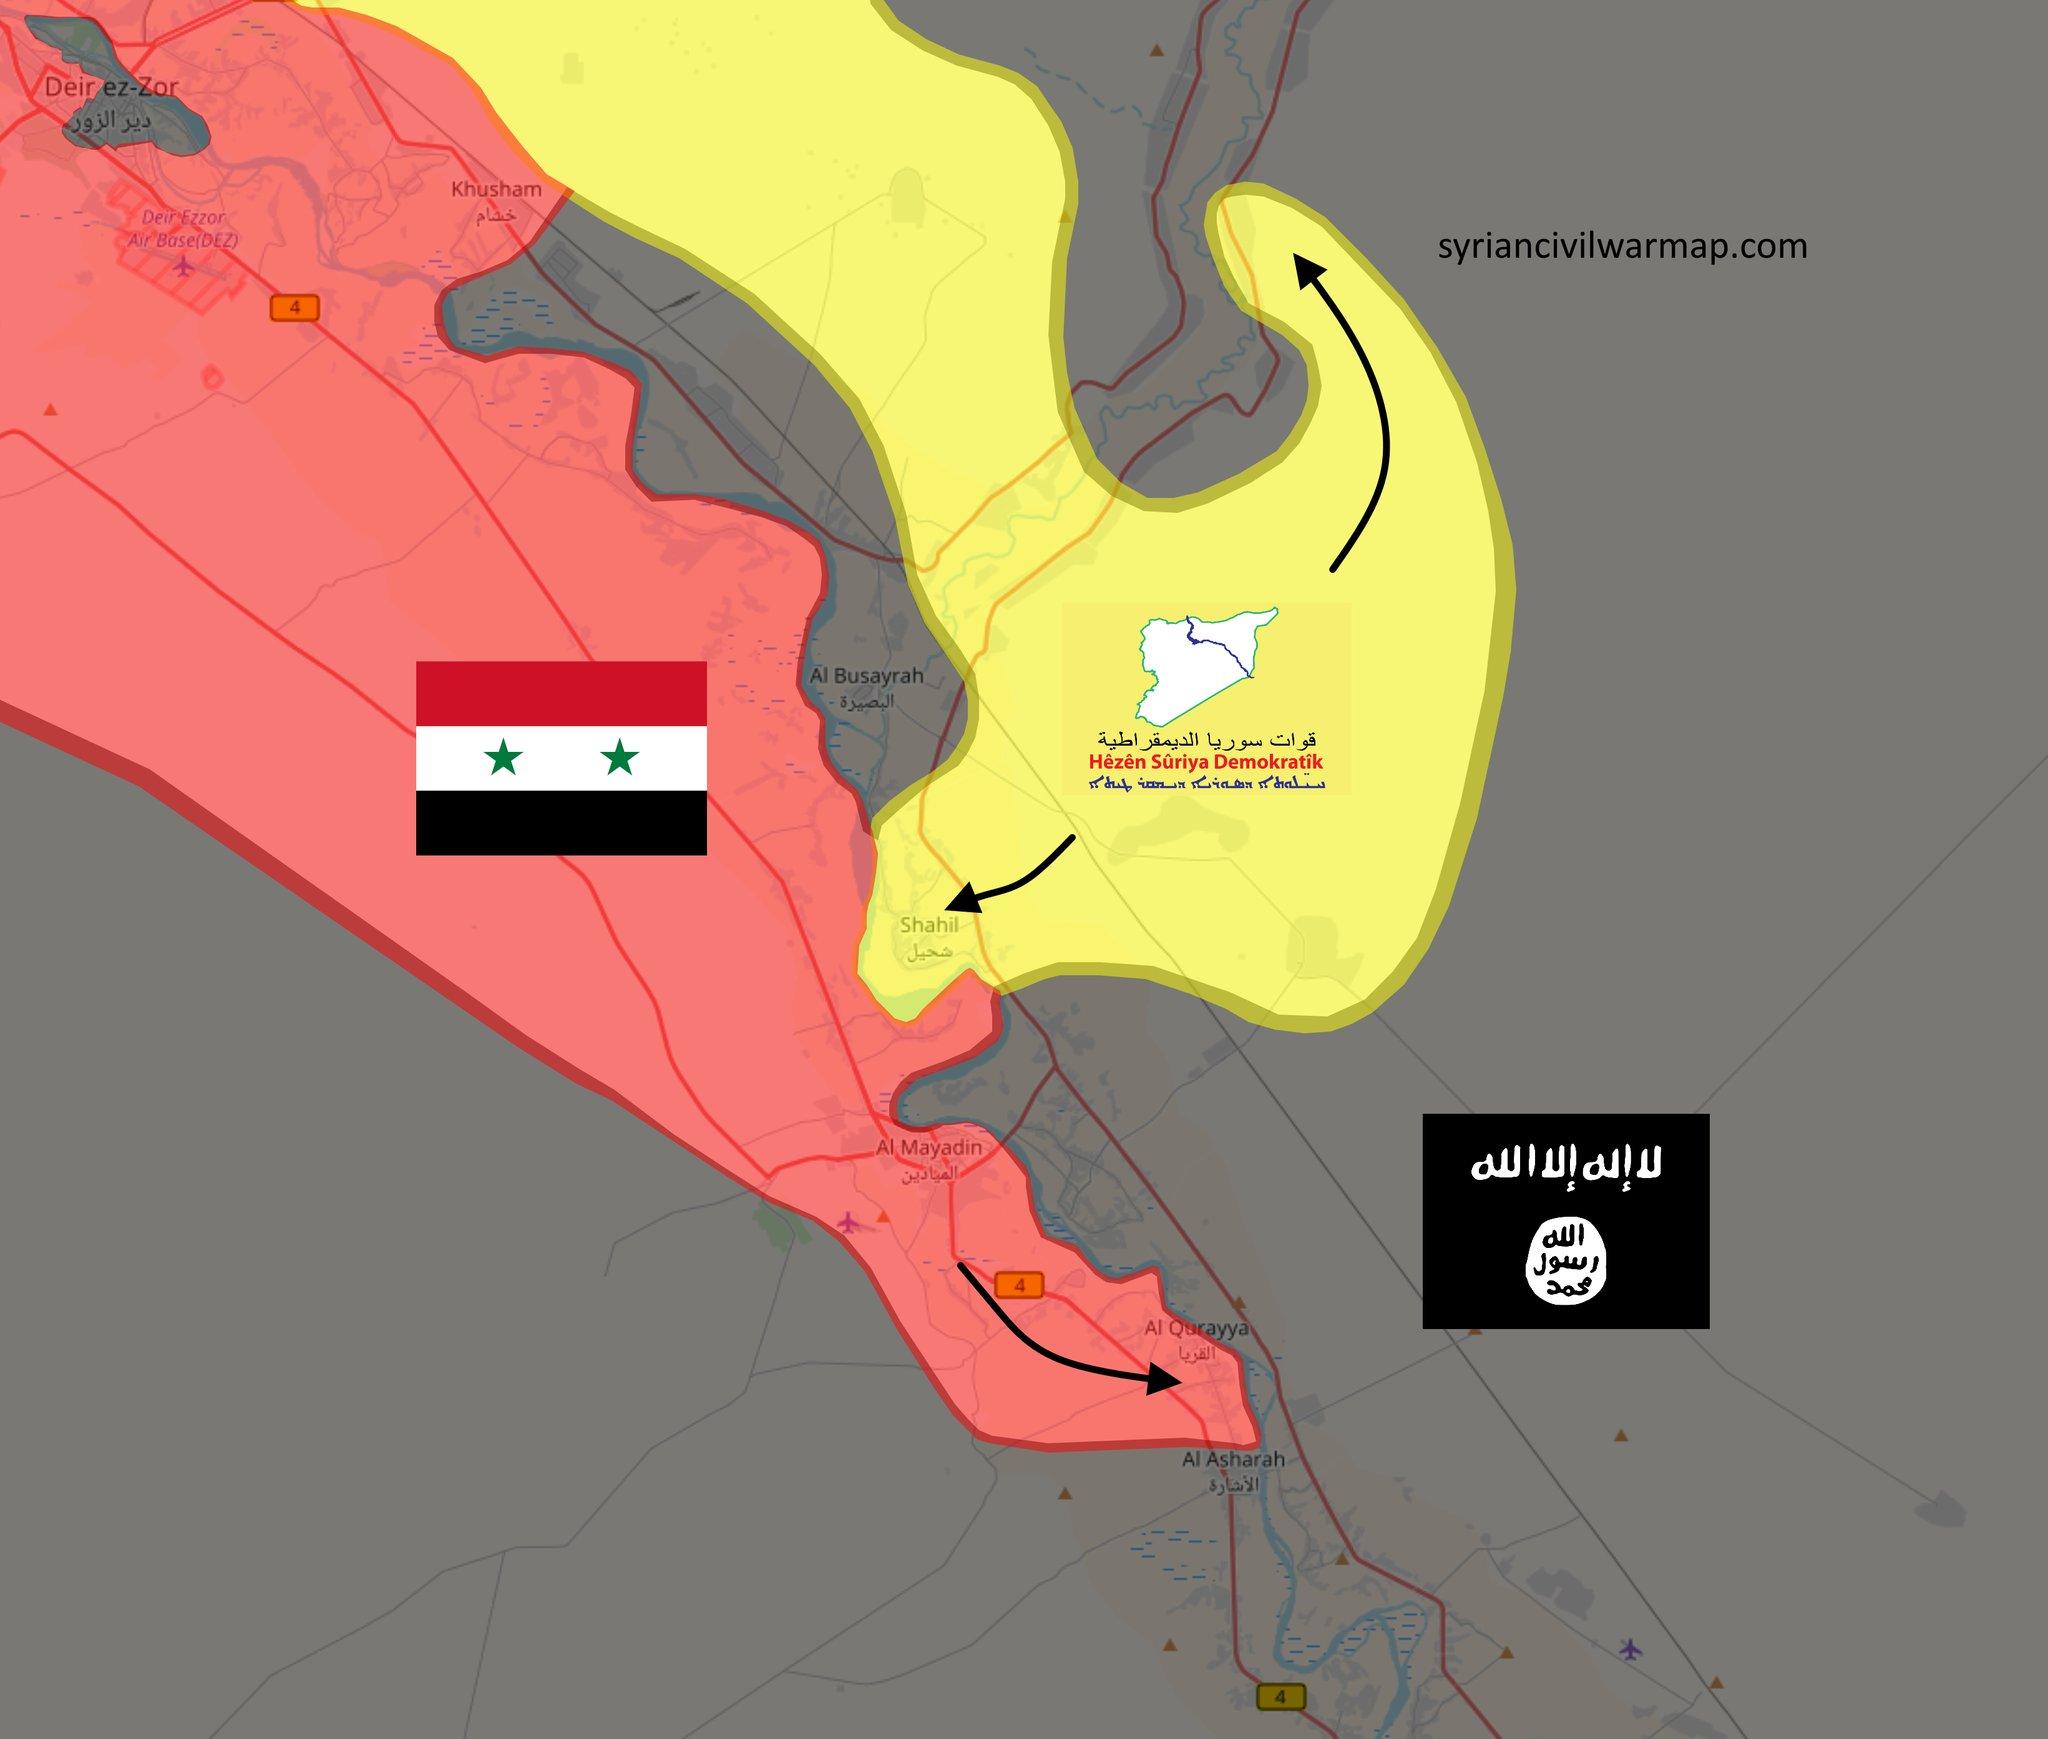 Карта, основные наступательные движения SDF и Асадистов по состоянию на 22.10.2017